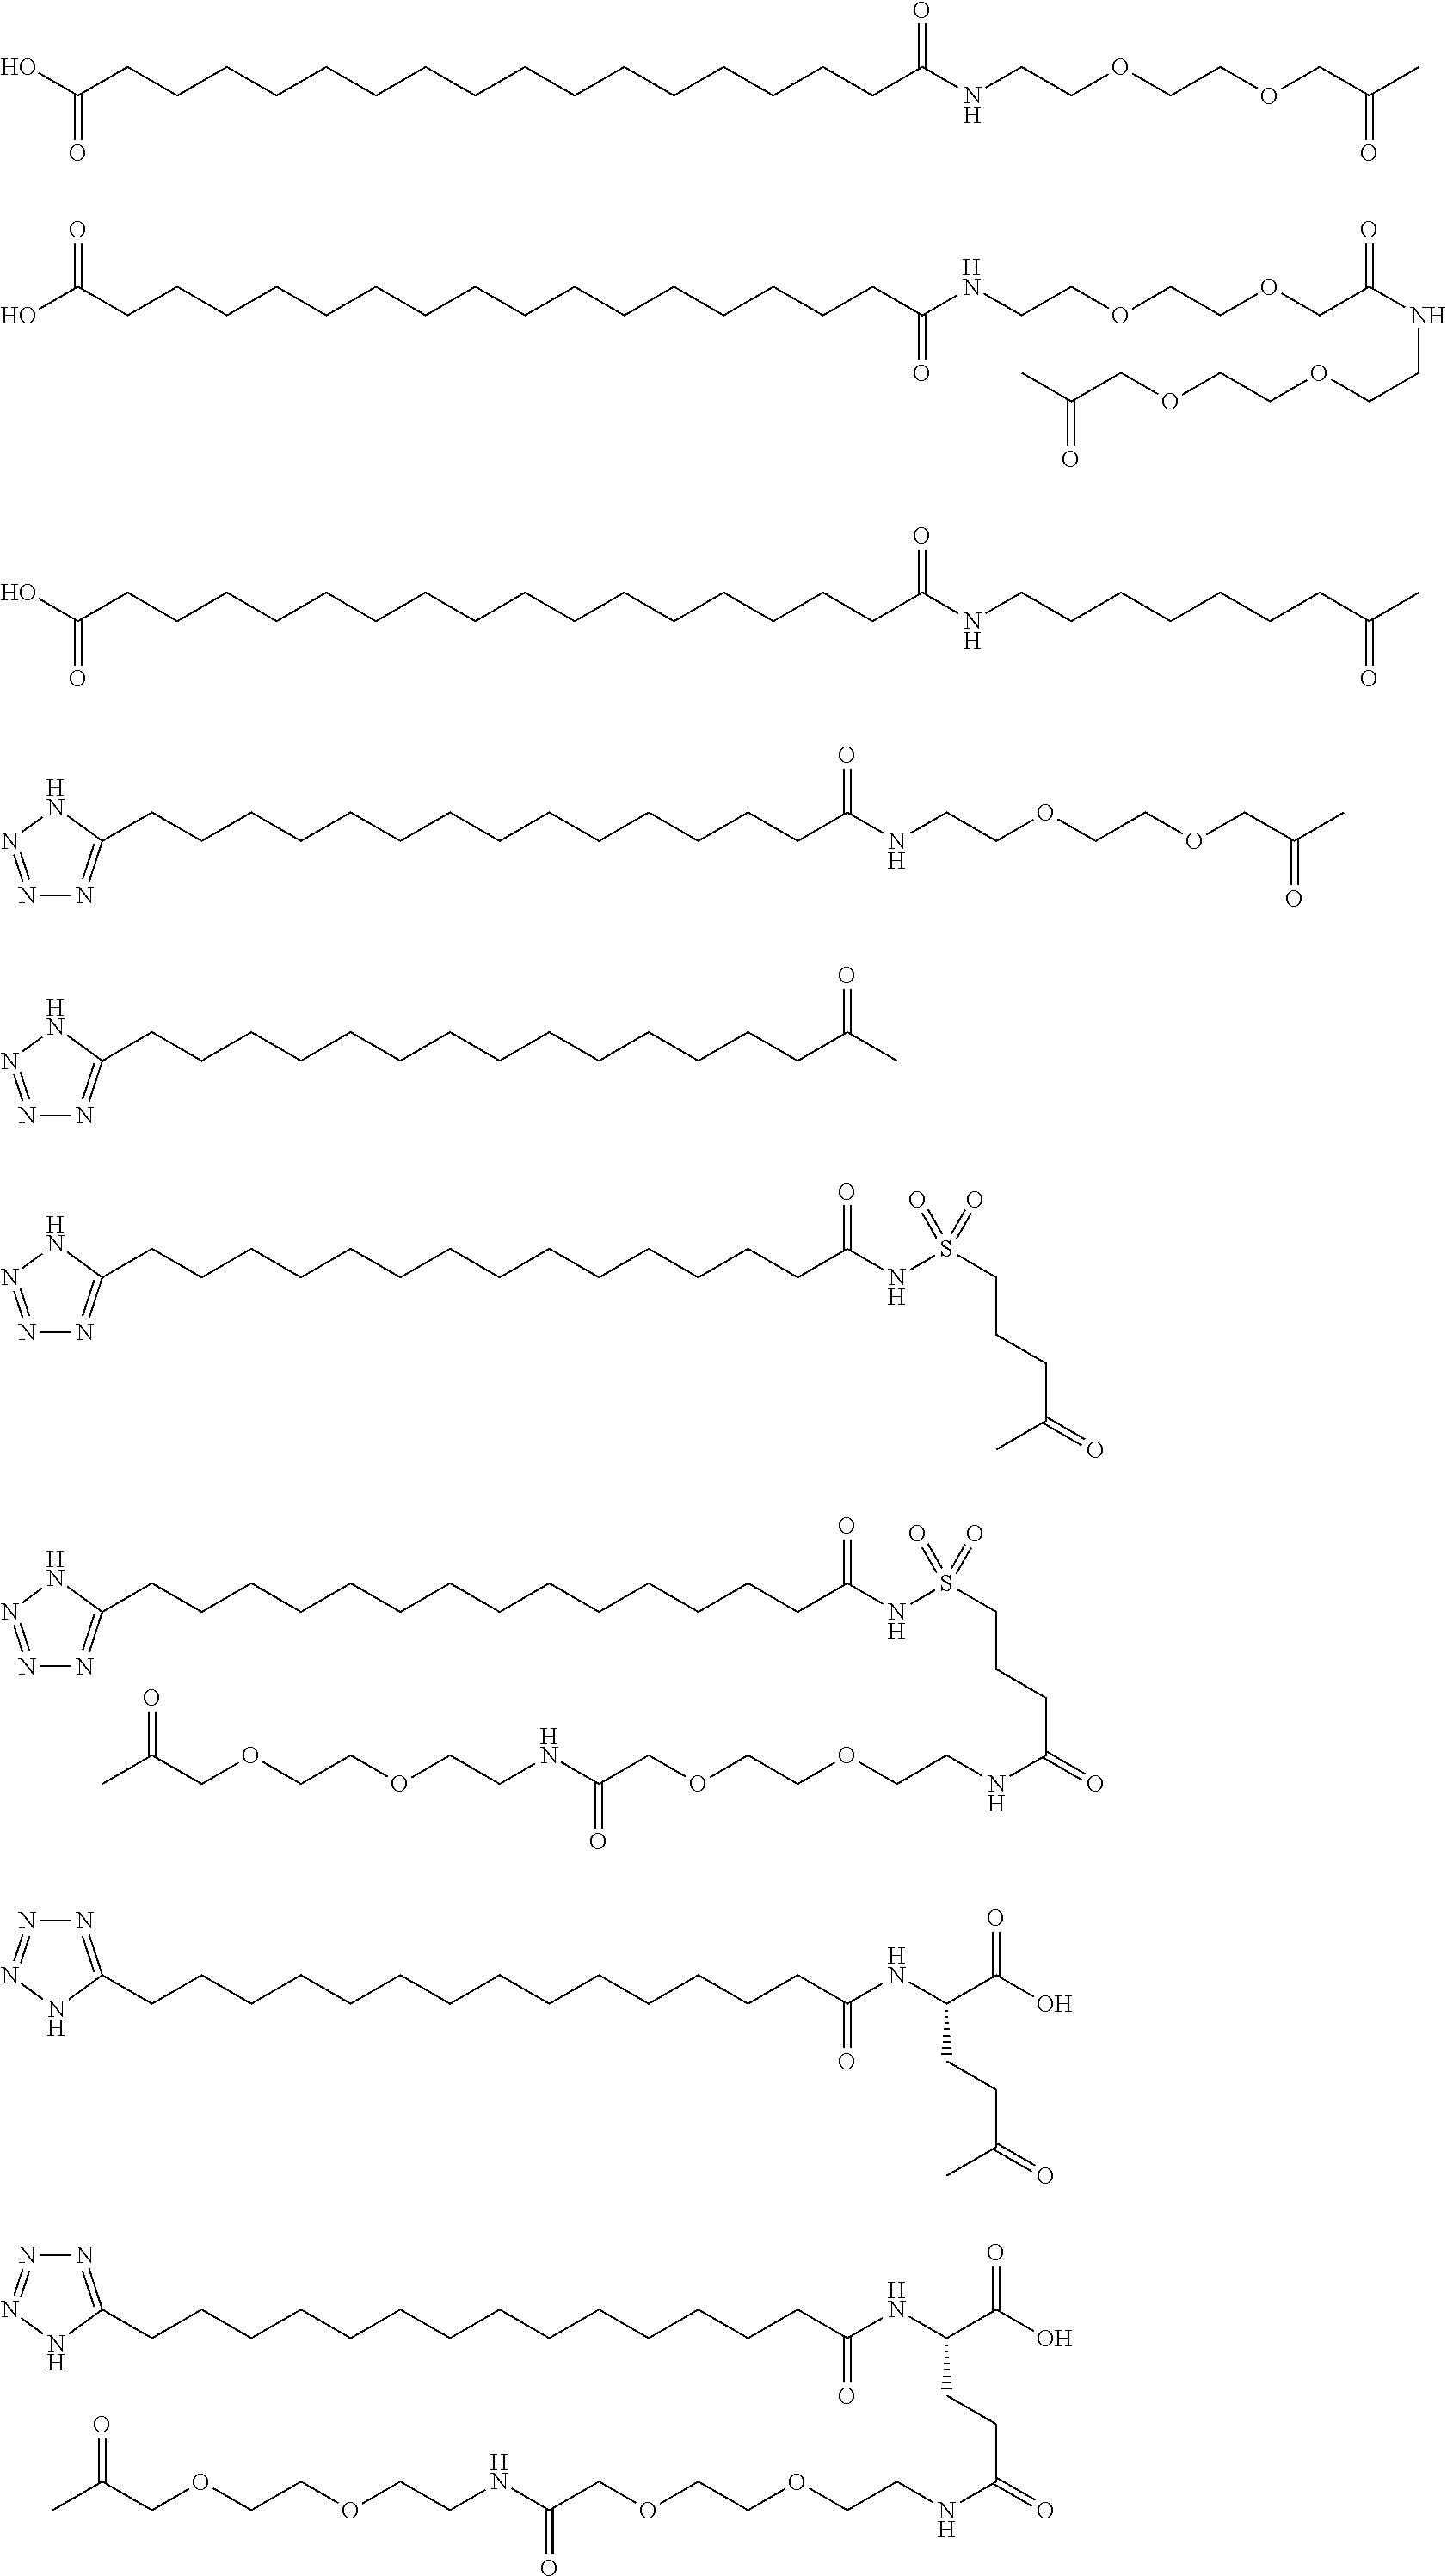 Figure US20180000742A1-20180104-C00020